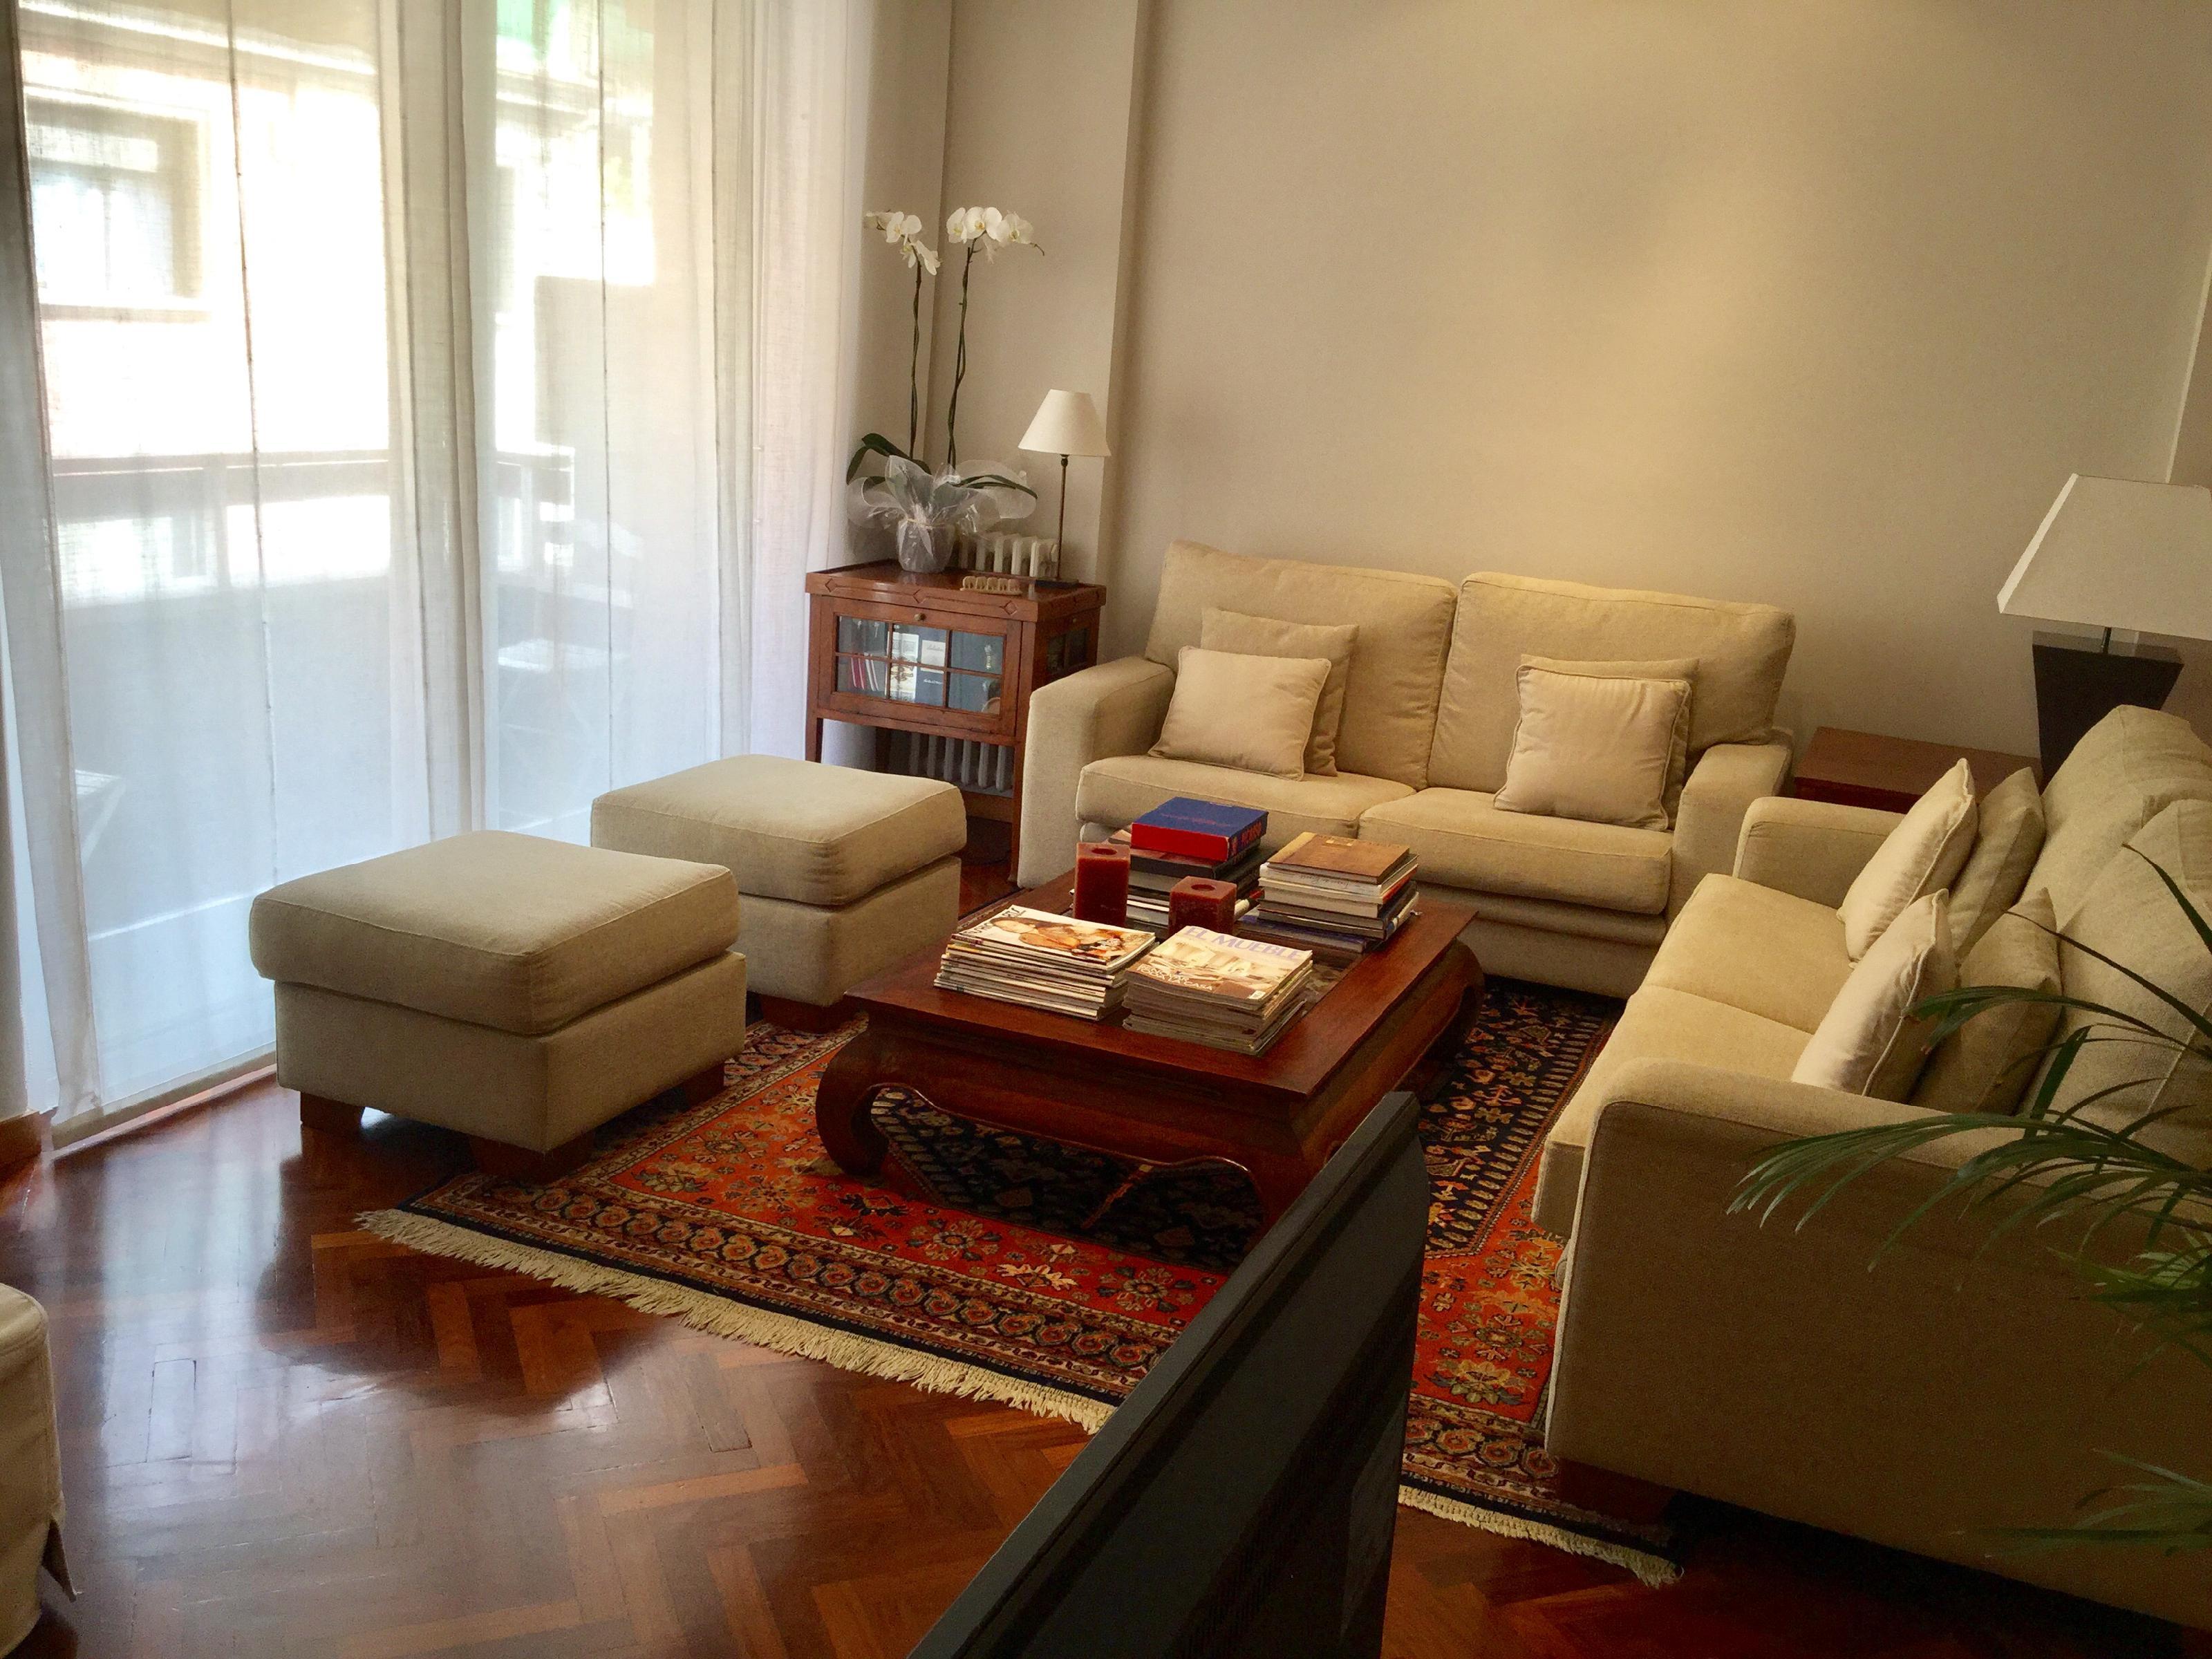 198228 Apartamento en venda en Sarrià-Sant Gervasi, St. Gervasi-Bonanova 8